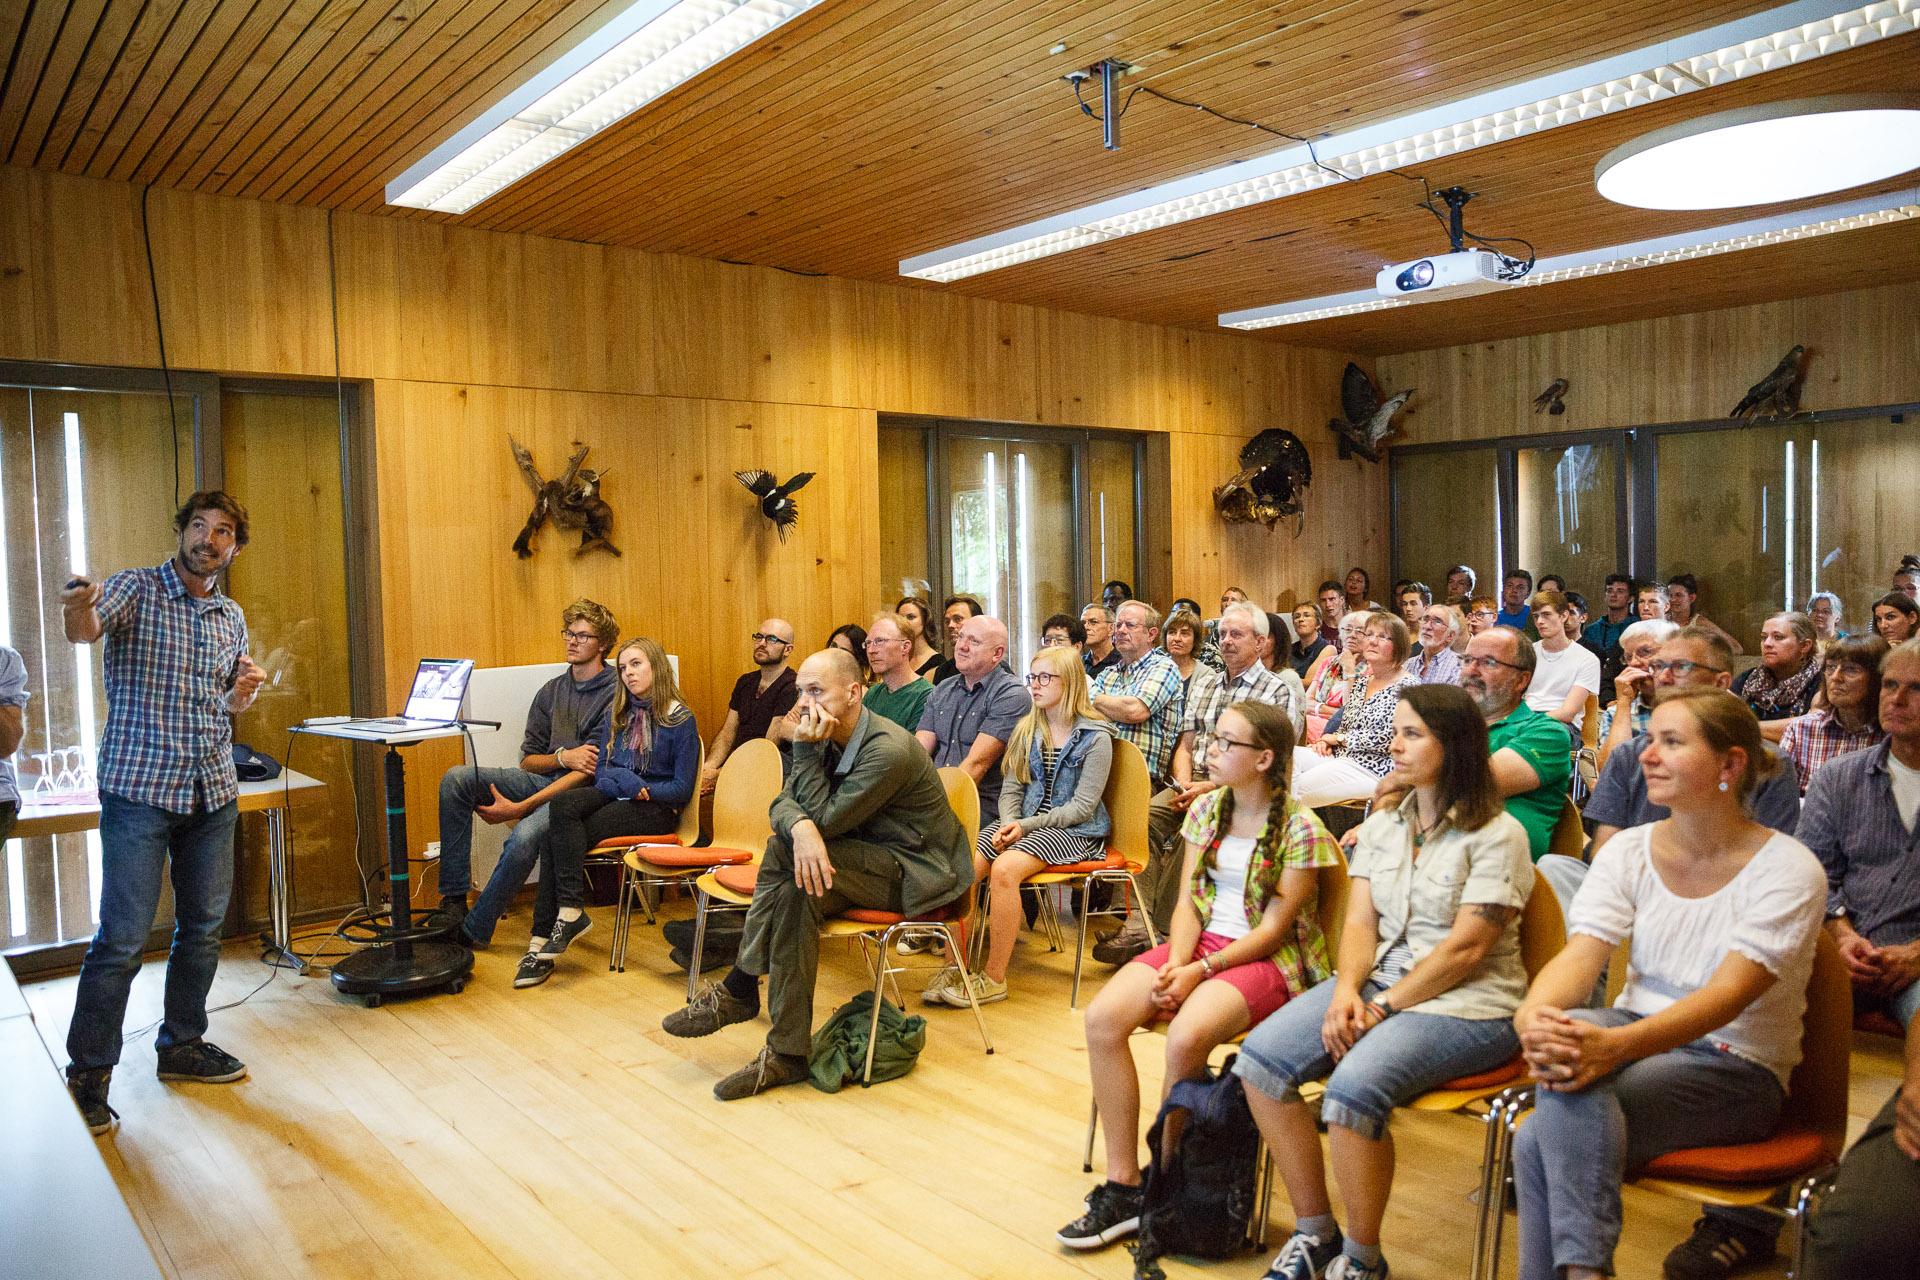 Vortrag im Nationalparkzentrum zu Abenteuer Schwarzwald - auch die Young Explorers hören interessiert zu.